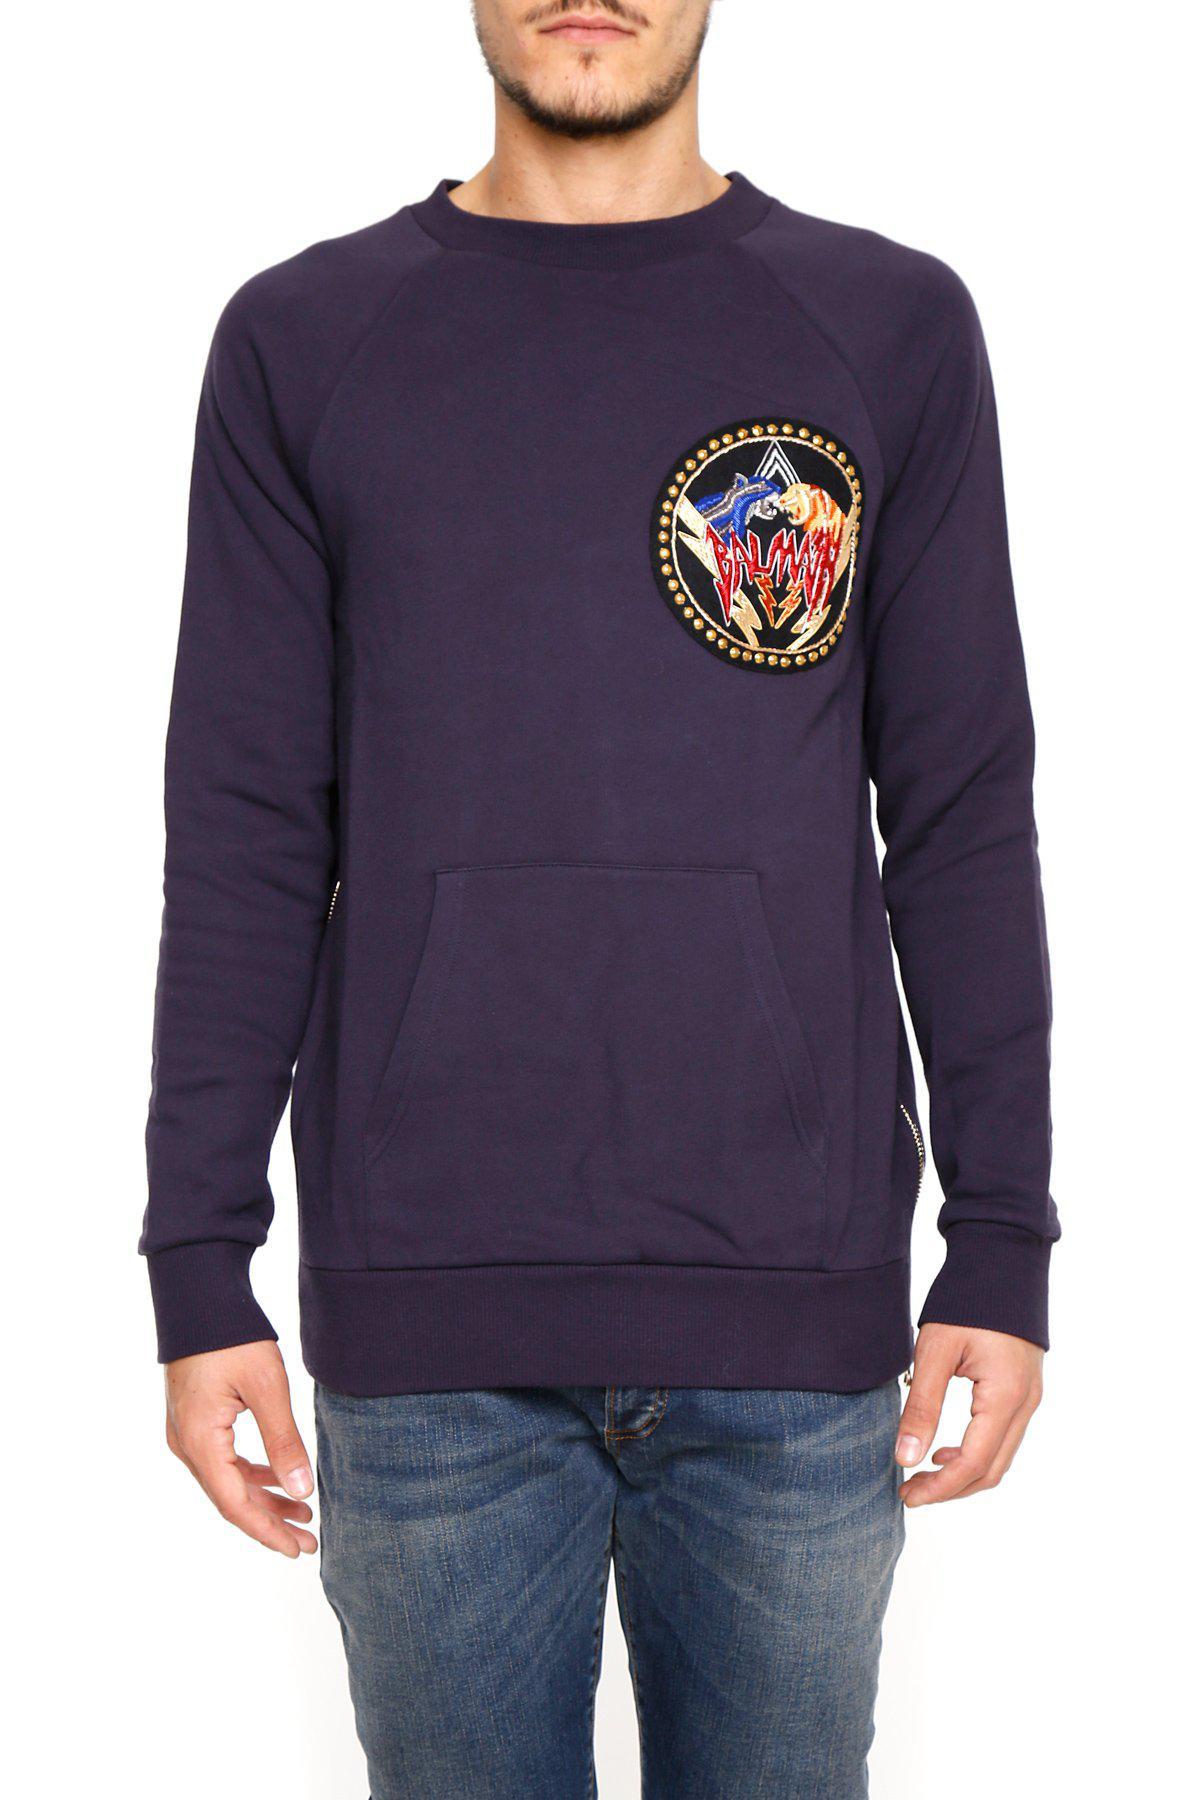 8856805d Lyst - Balmain Logo Patch Sweater in Purple for Men